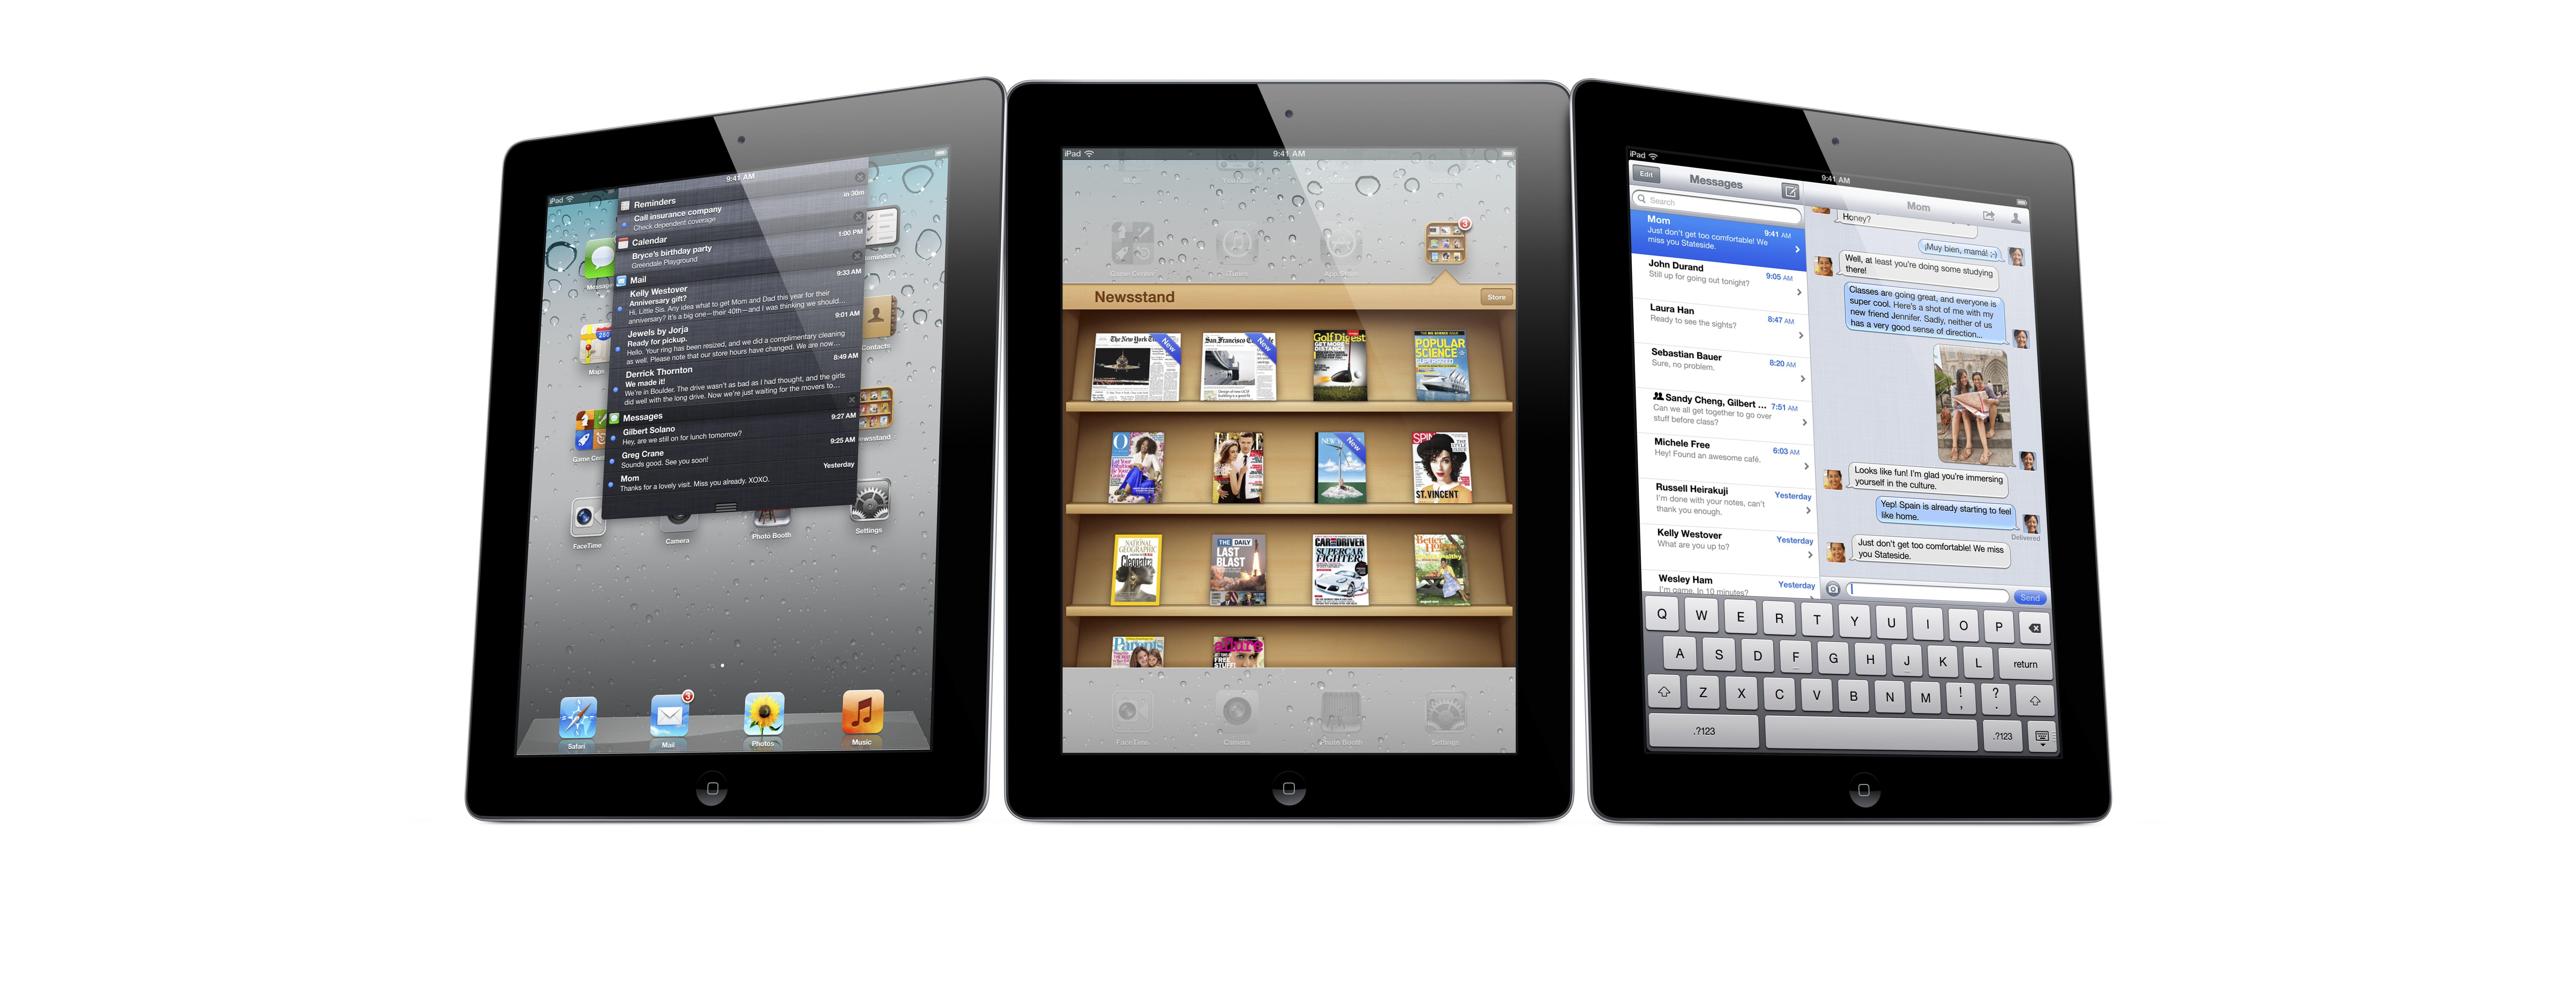 02-Ein-iPad-2-Der-Supportnet-Adventskalenderwunsch-zum-1-Dezember-Weihnachten-Apple-470.jpg?nocache=1322663348857